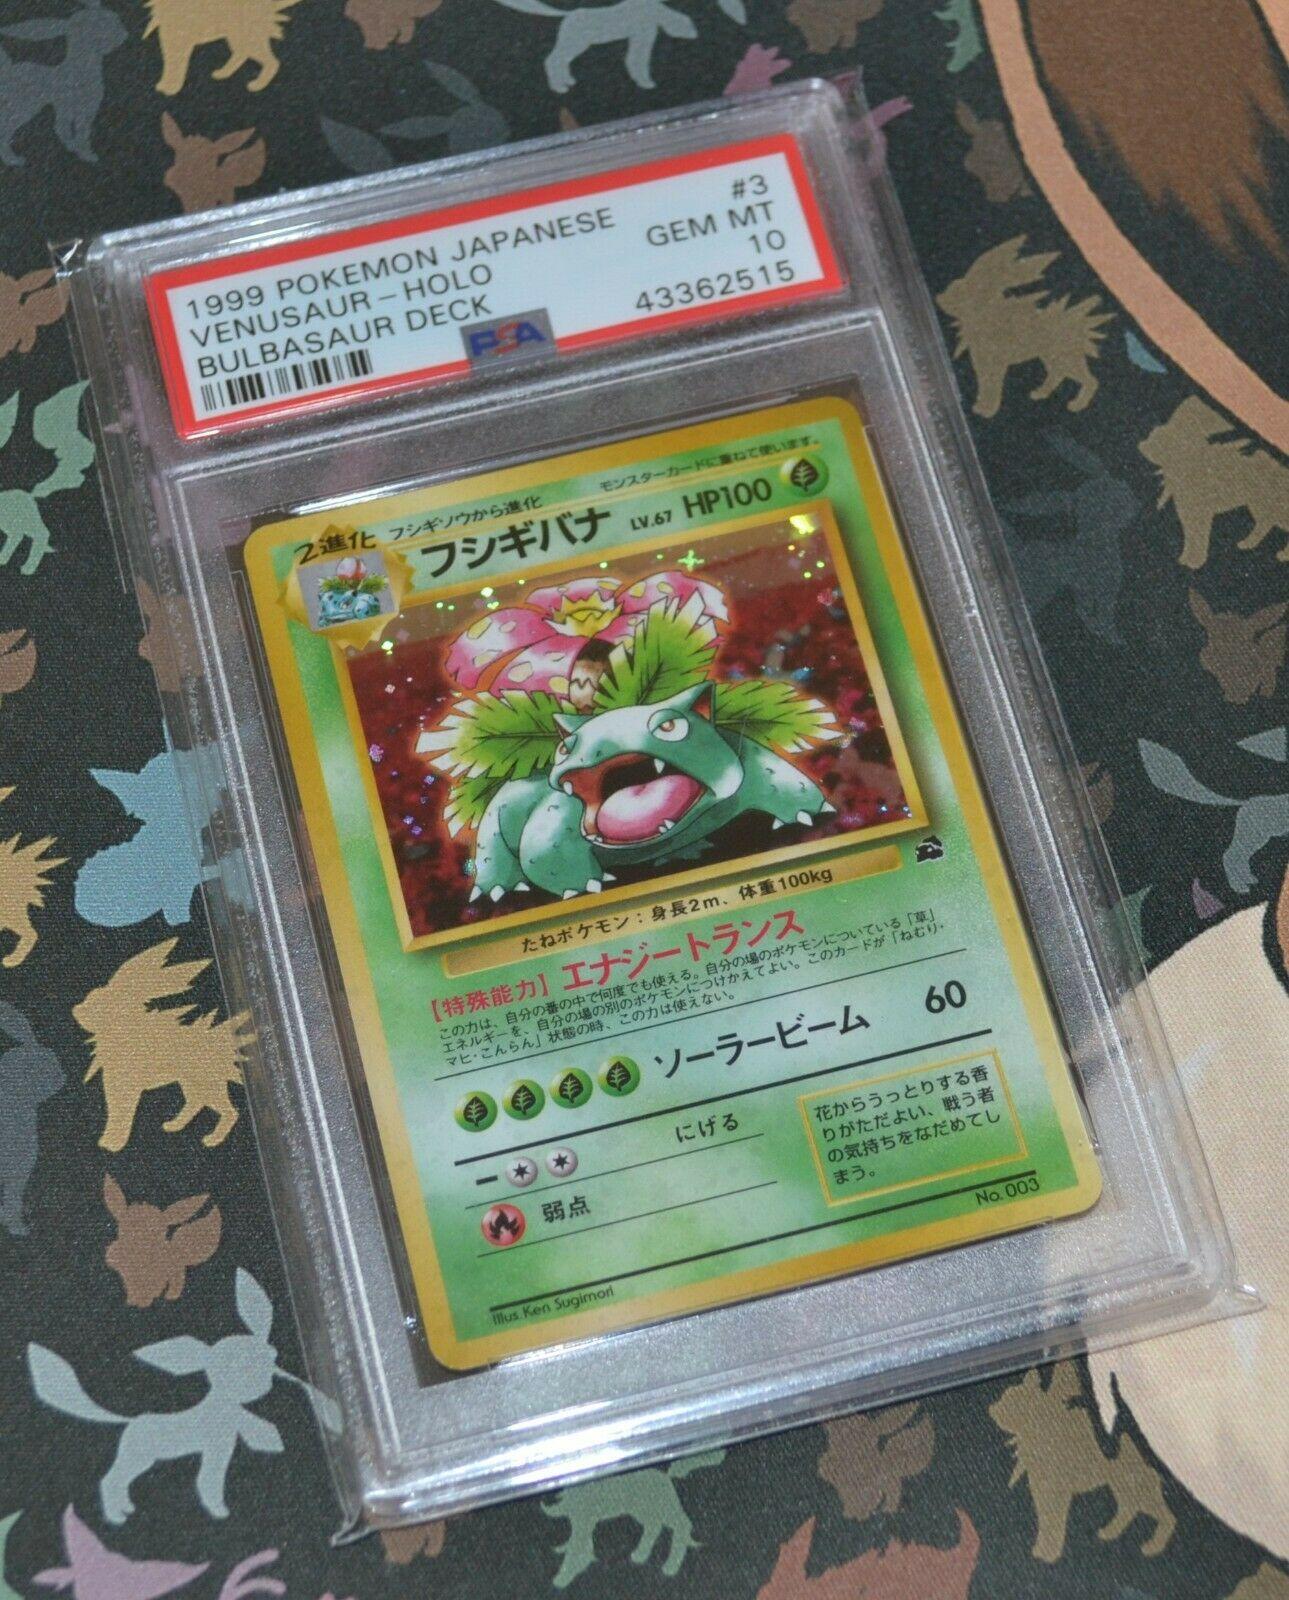 1999 Japanese Pokemon Bulbasaur Deck VENUSAUR Holo   PSA 10